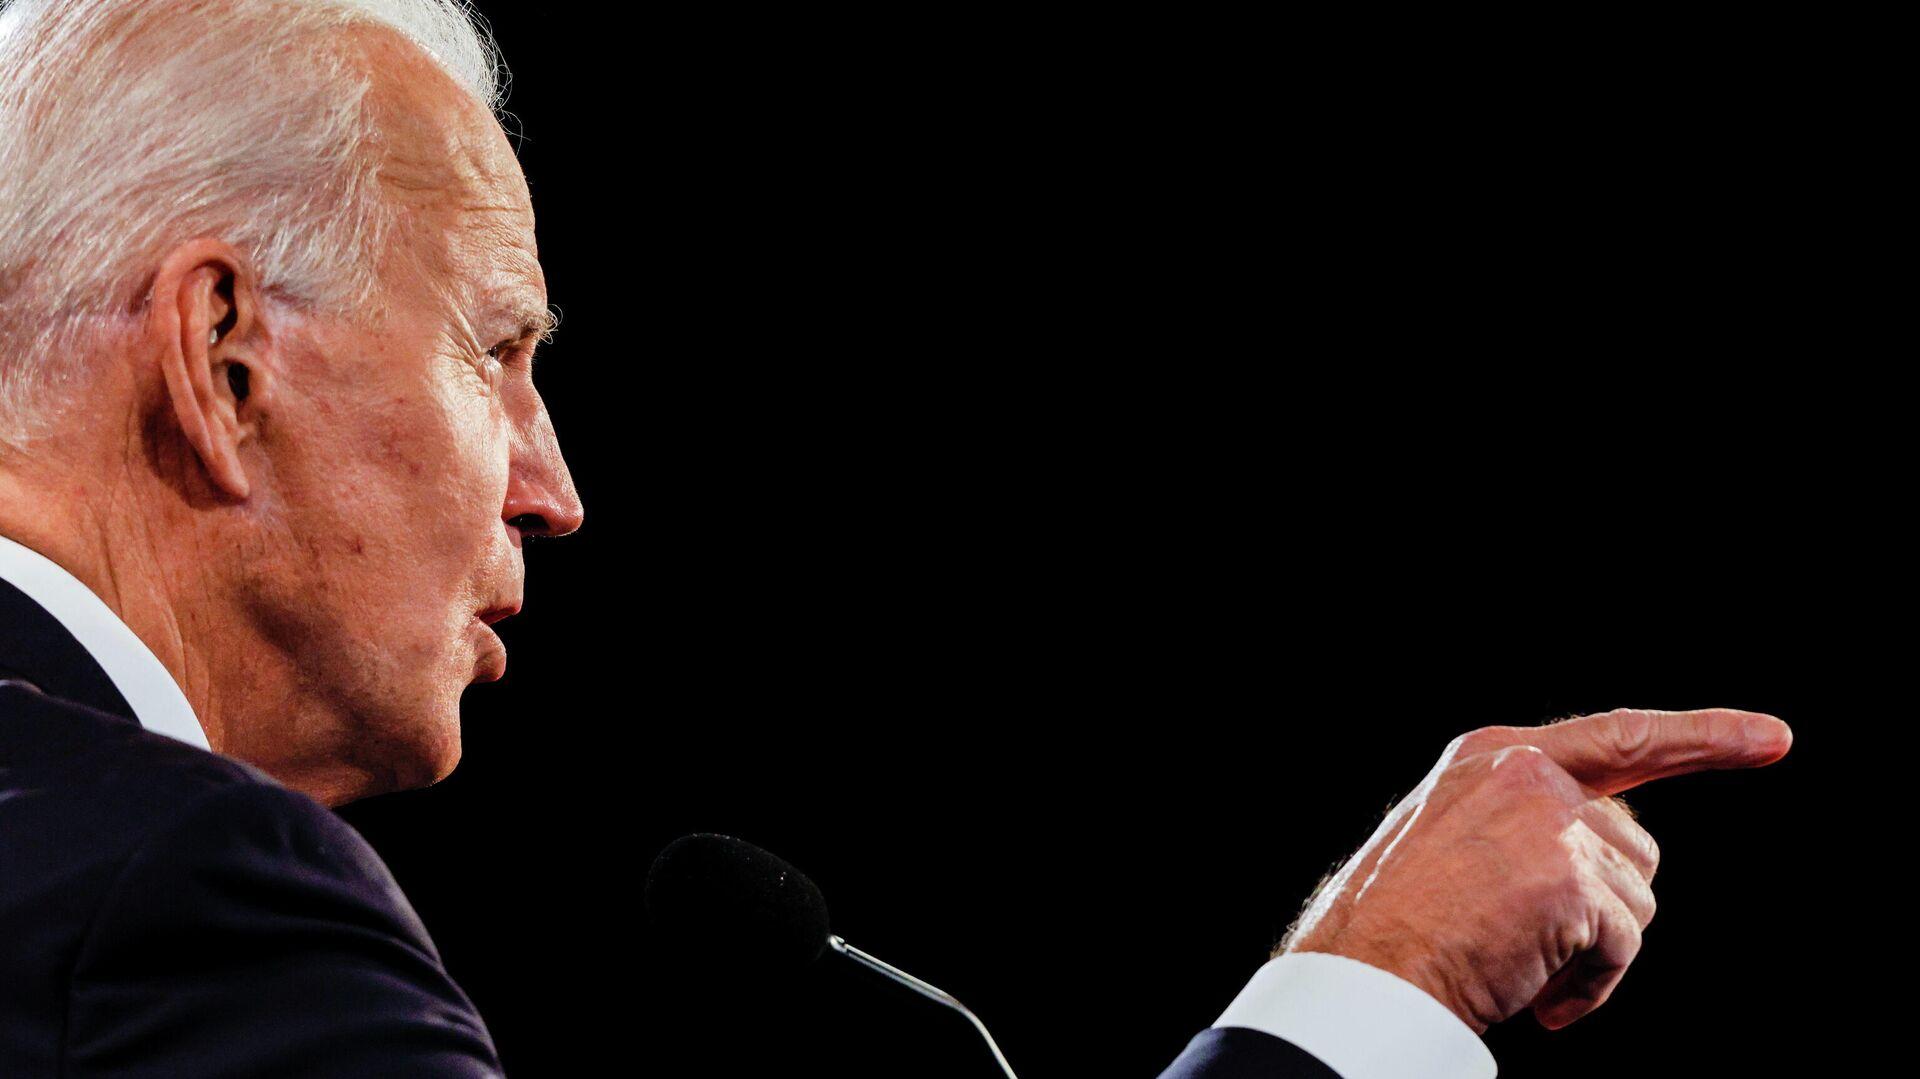 Кандидат в президенты США от Демократической партии Джо Байден во время финальных дебатов с президентом США Дональдом Трапом в Нэшвилле - РИА Новости, 1920, 23.10.2020